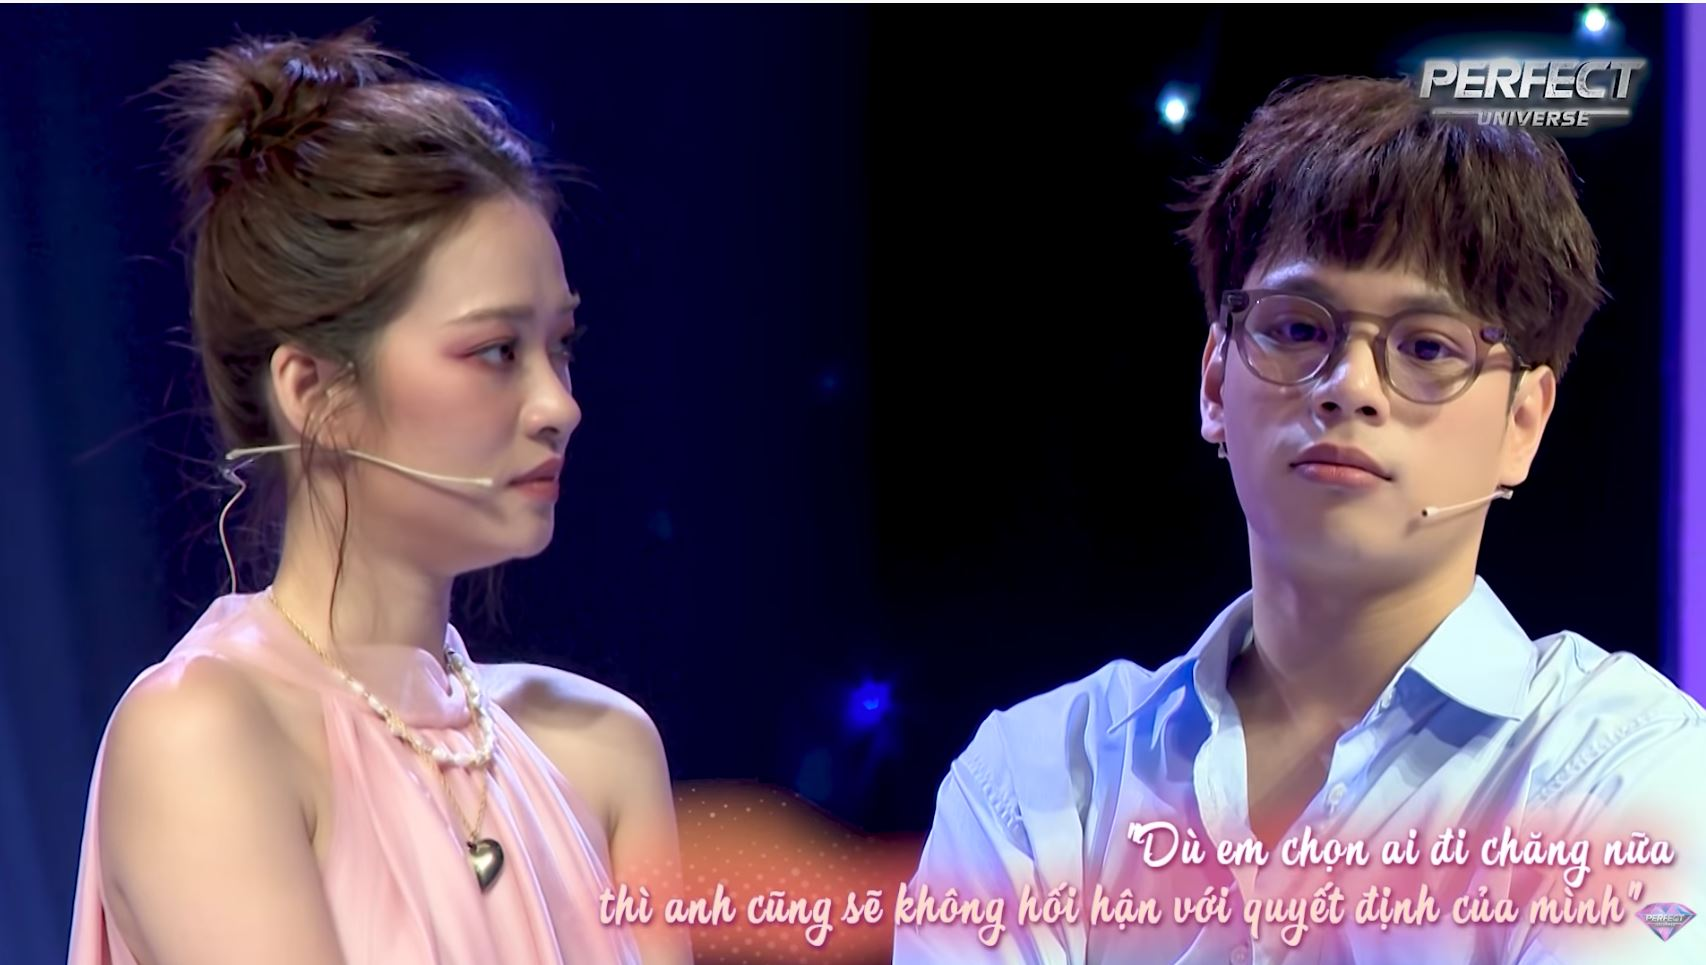 Từng bị từ chối, Jaykii cưa đổ bạn thân nhờ show hẹn hò 2